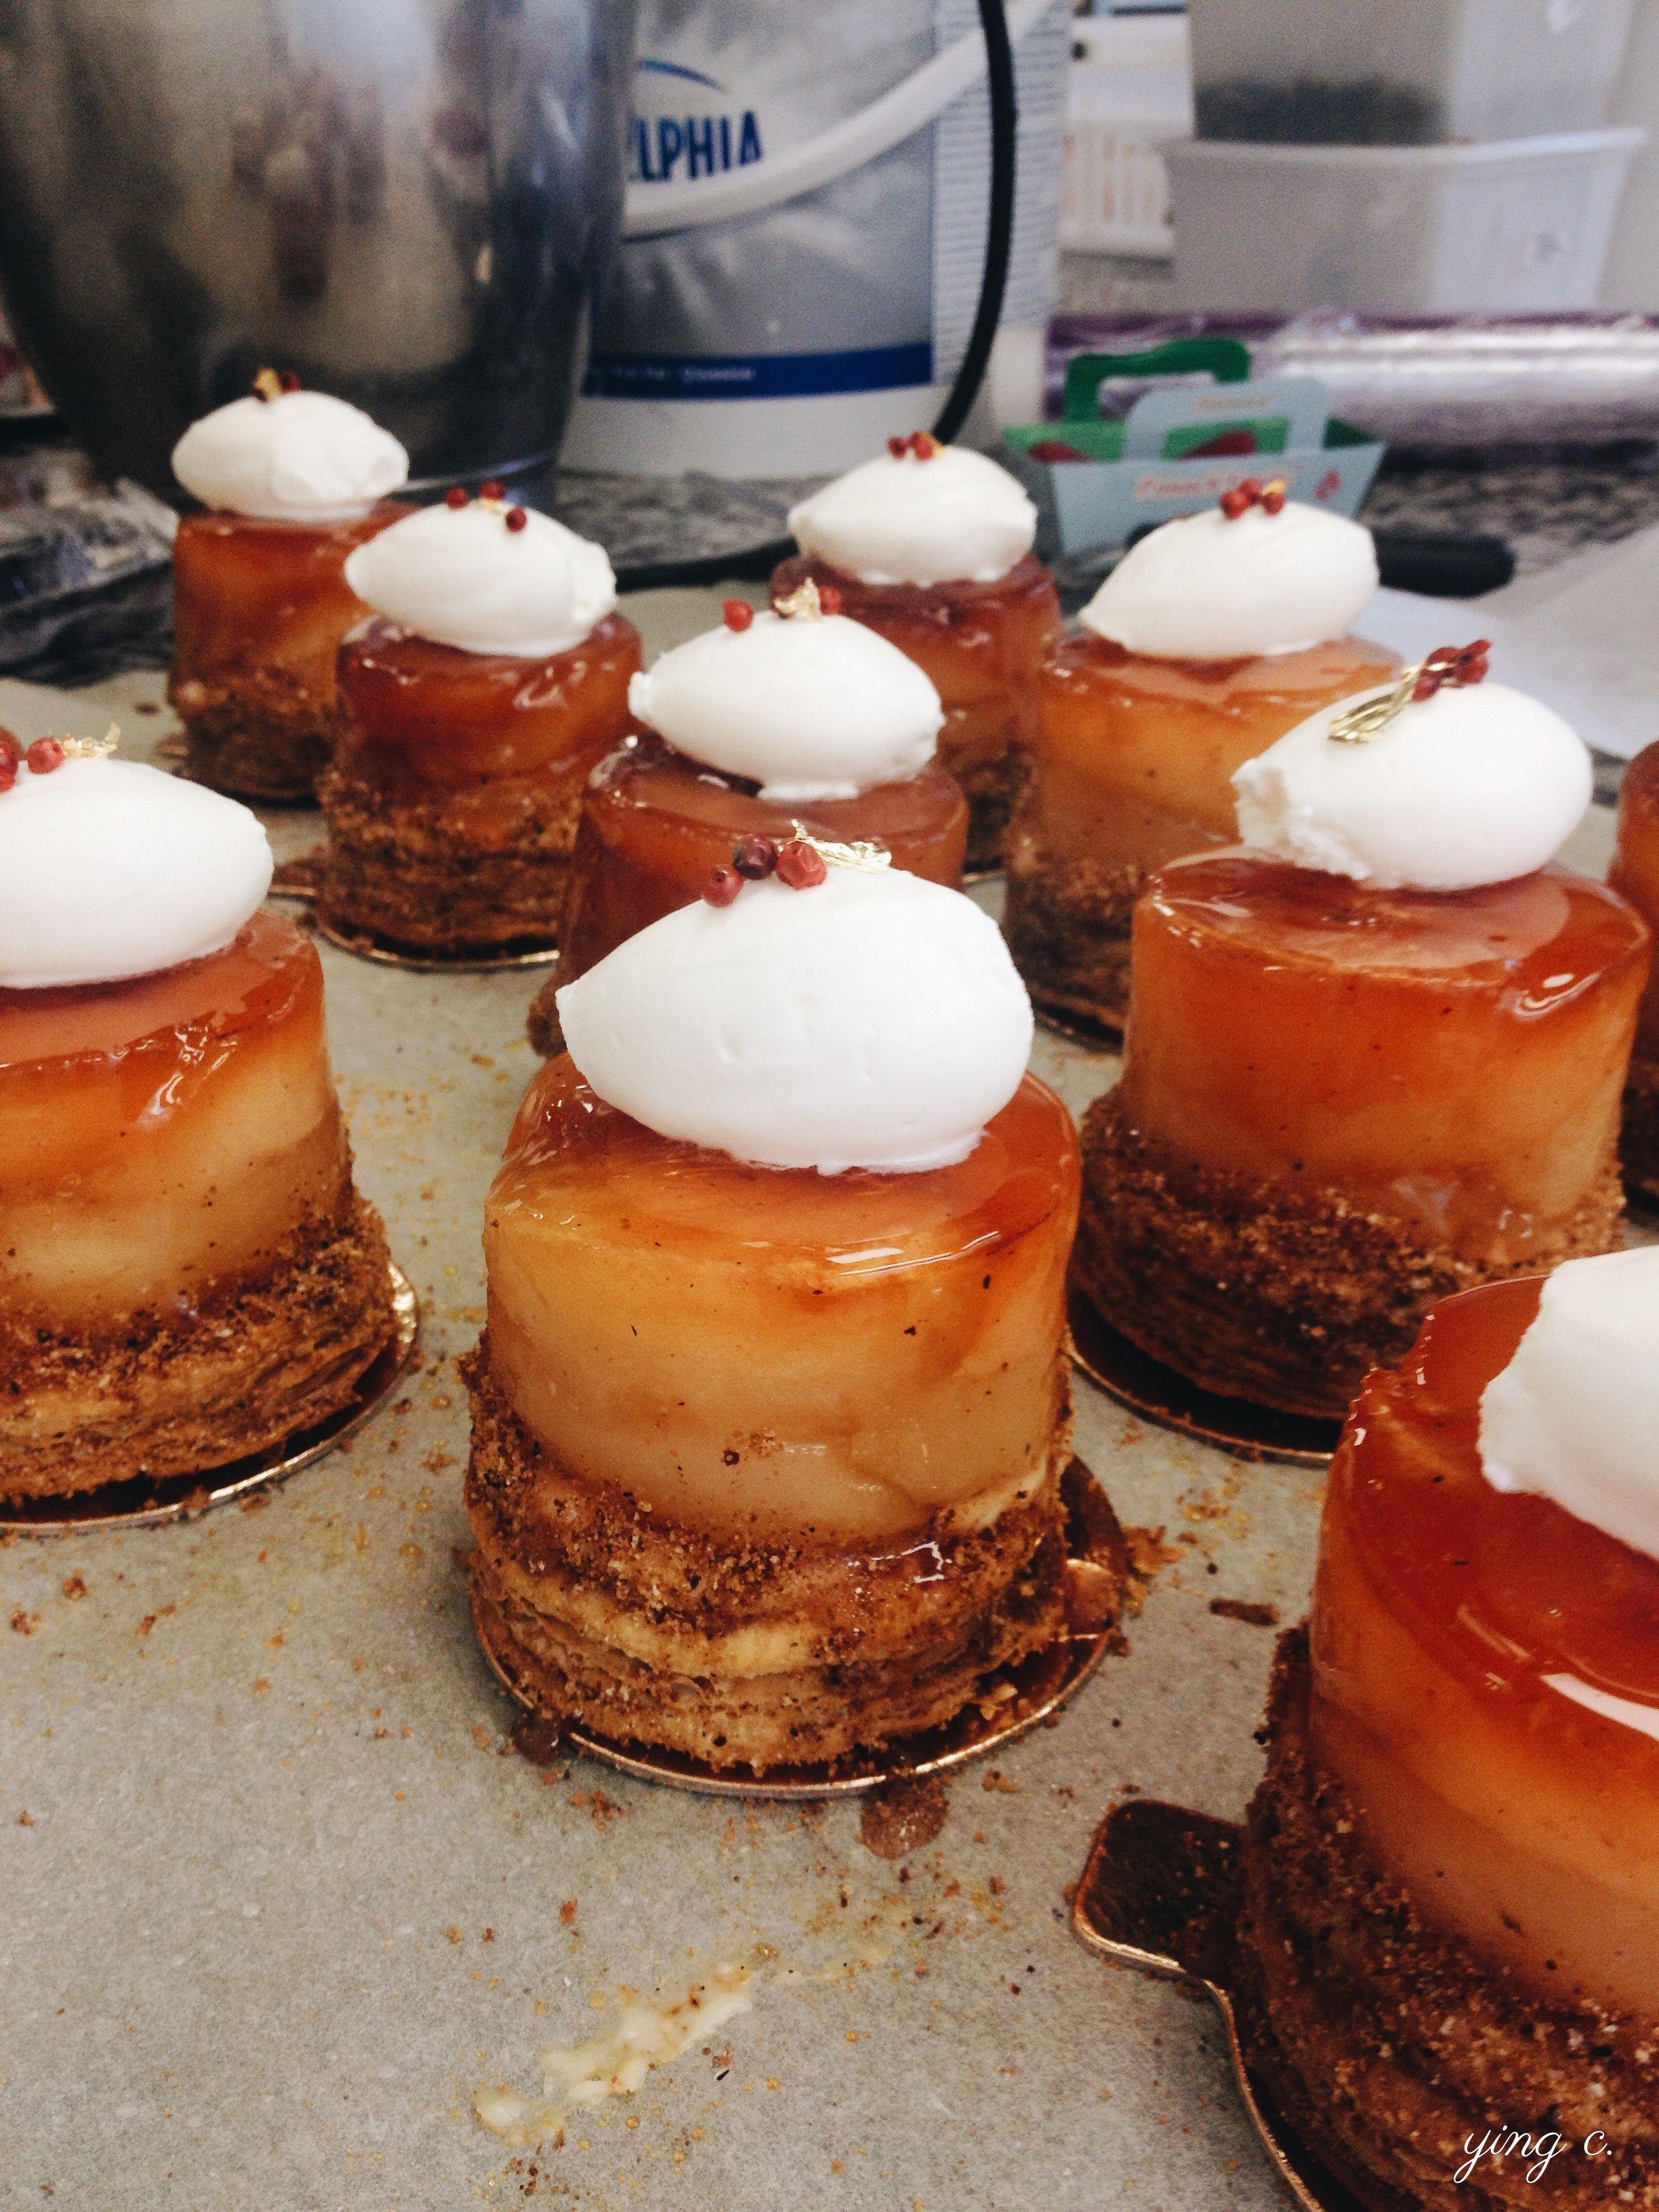 巴黎甜點店  Bread & Roses  的「Tarte Tatin」反轉蘋果塔,以馬斯卡彭香緹鮮奶油和粉紅胡椒裝飾。 Photo by Ying C.